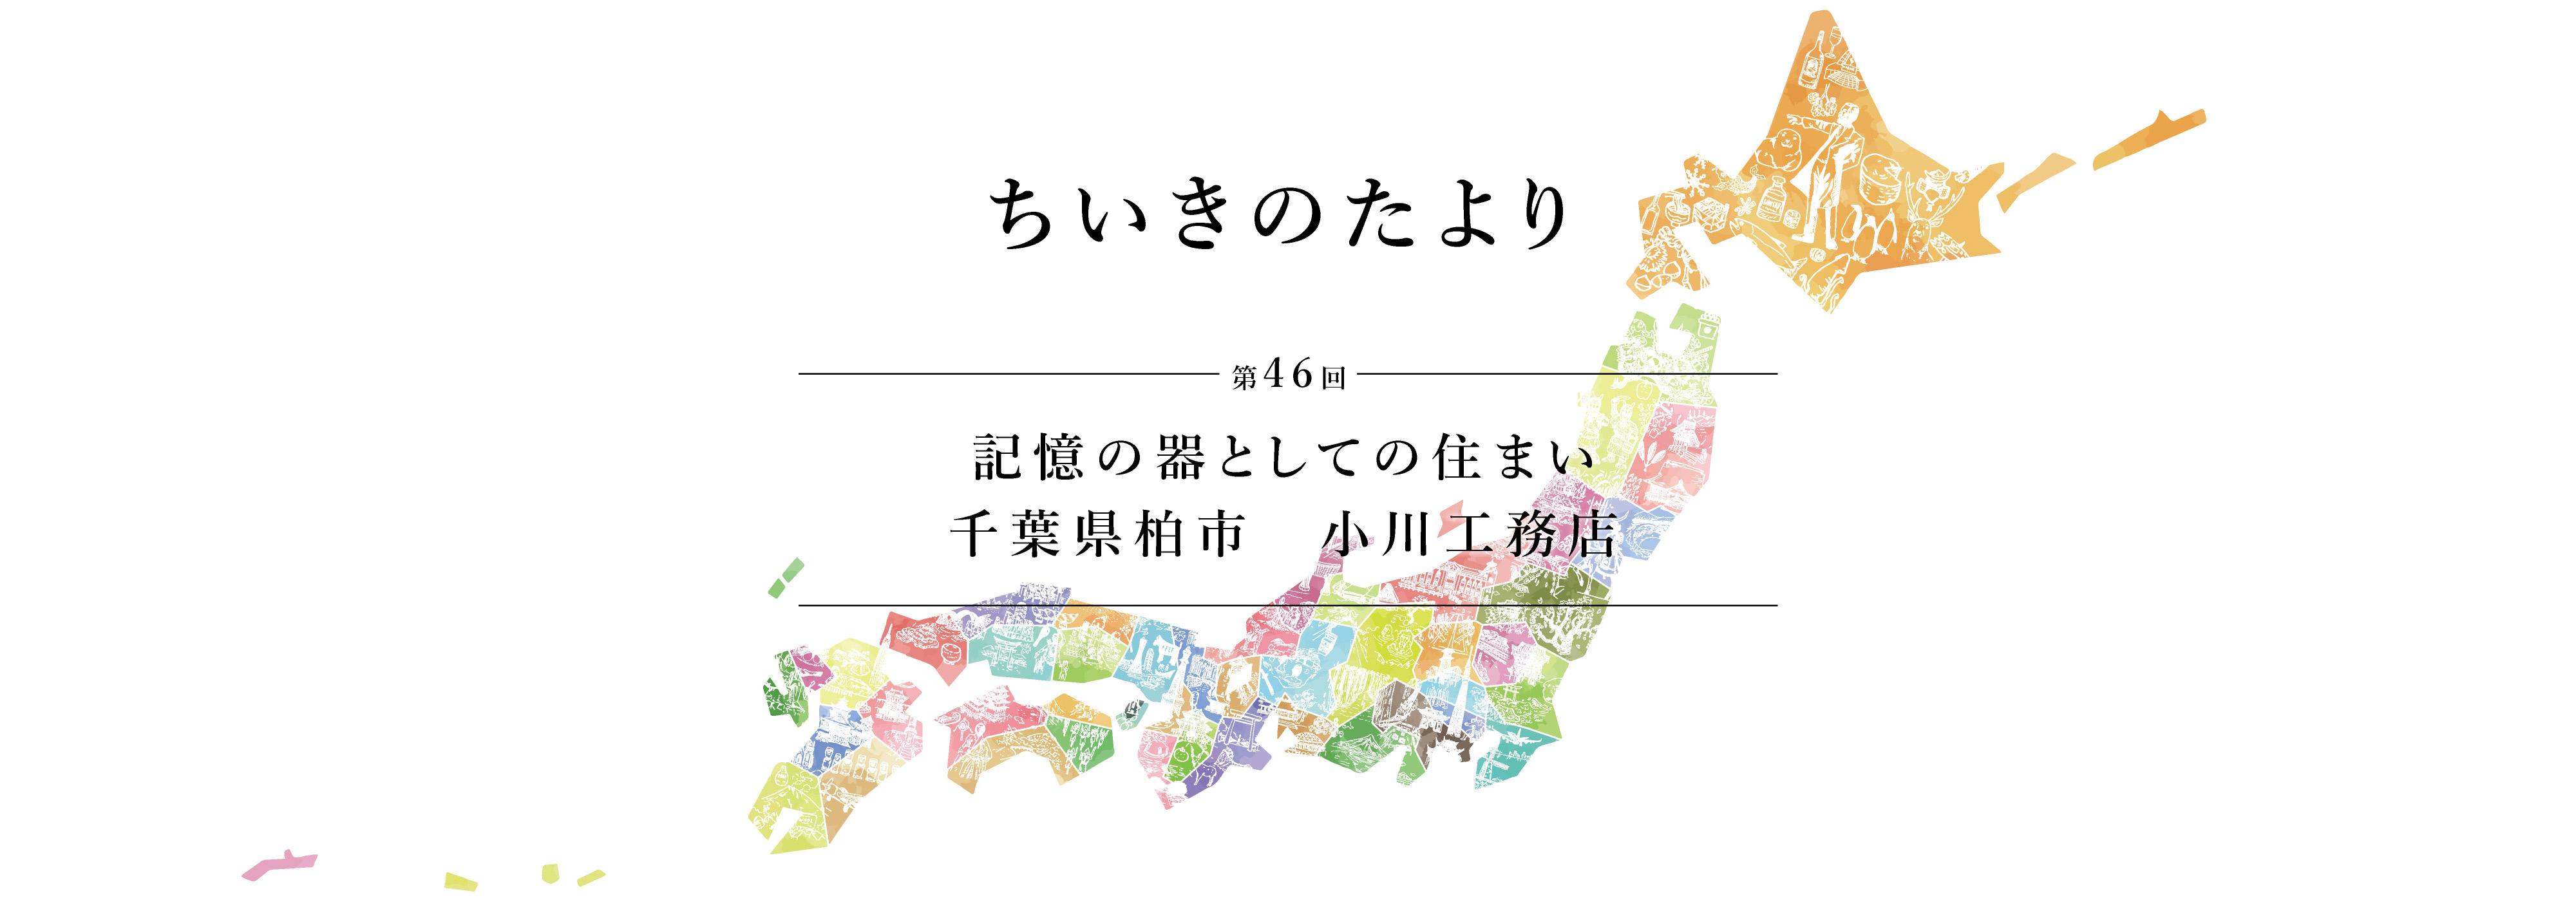 ちいきのたより第46回記憶の器としての住まい千葉県柏市小川工務店